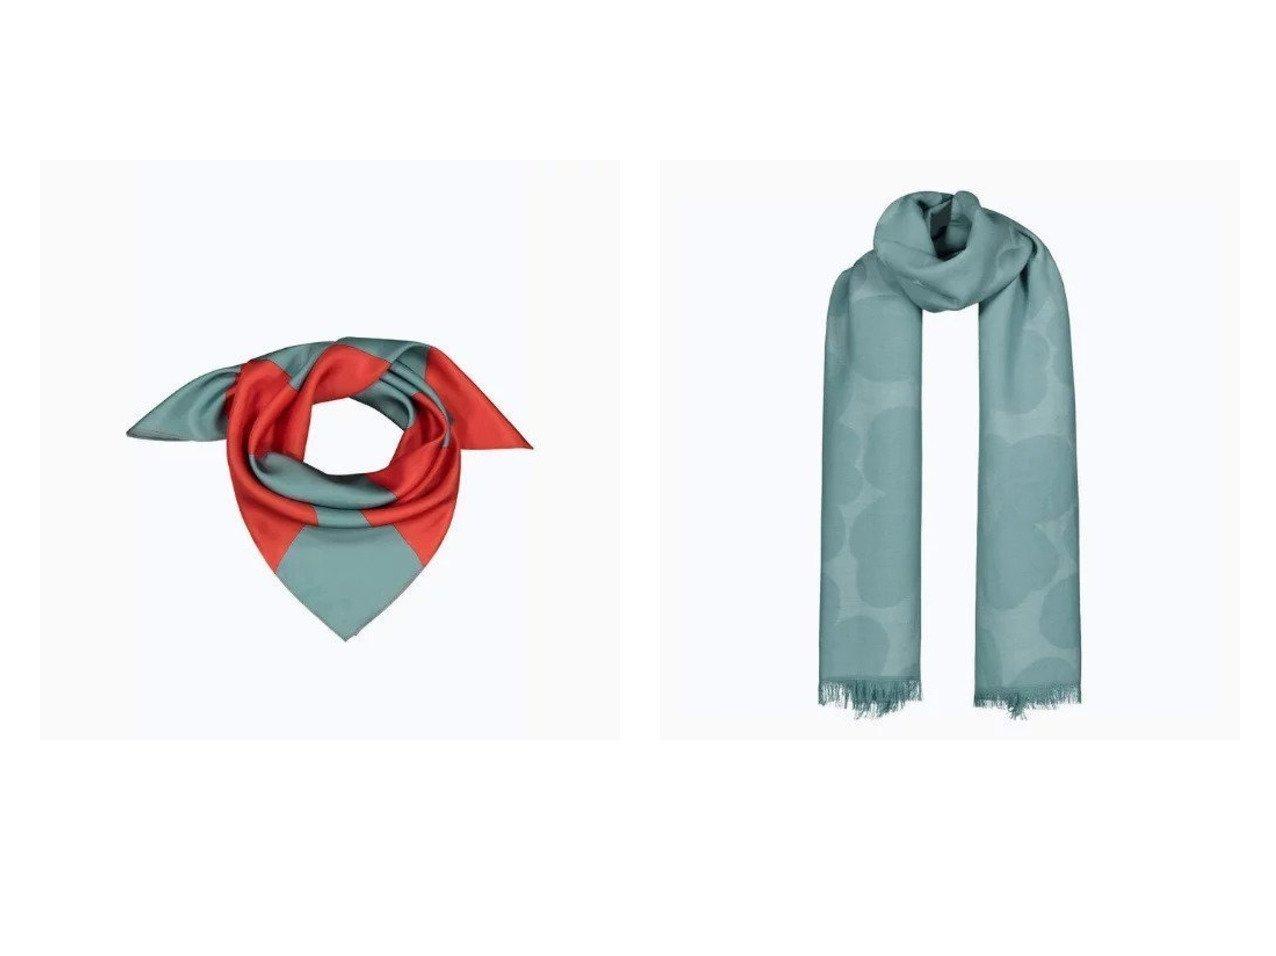 【marimekko/マリメッコ】のPiiru Jacquard Pieni Unikko スカーフ&Tyrsky Taifuuni スカーフ マリメッコのおすすめ!人気、トレンド・レディースファッションの通販 おすすめで人気の流行・トレンド、ファッションの通販商品 メンズファッション・キッズファッション・インテリア・家具・レディースファッション・服の通販 founy(ファニー) https://founy.com/ ファッション Fashion レディースファッション WOMEN ストール Scarves マフラー Mufflers スカーフ ストール マフラー モチーフ ワンポイント シルク リュクス |ID:crp329100000021890